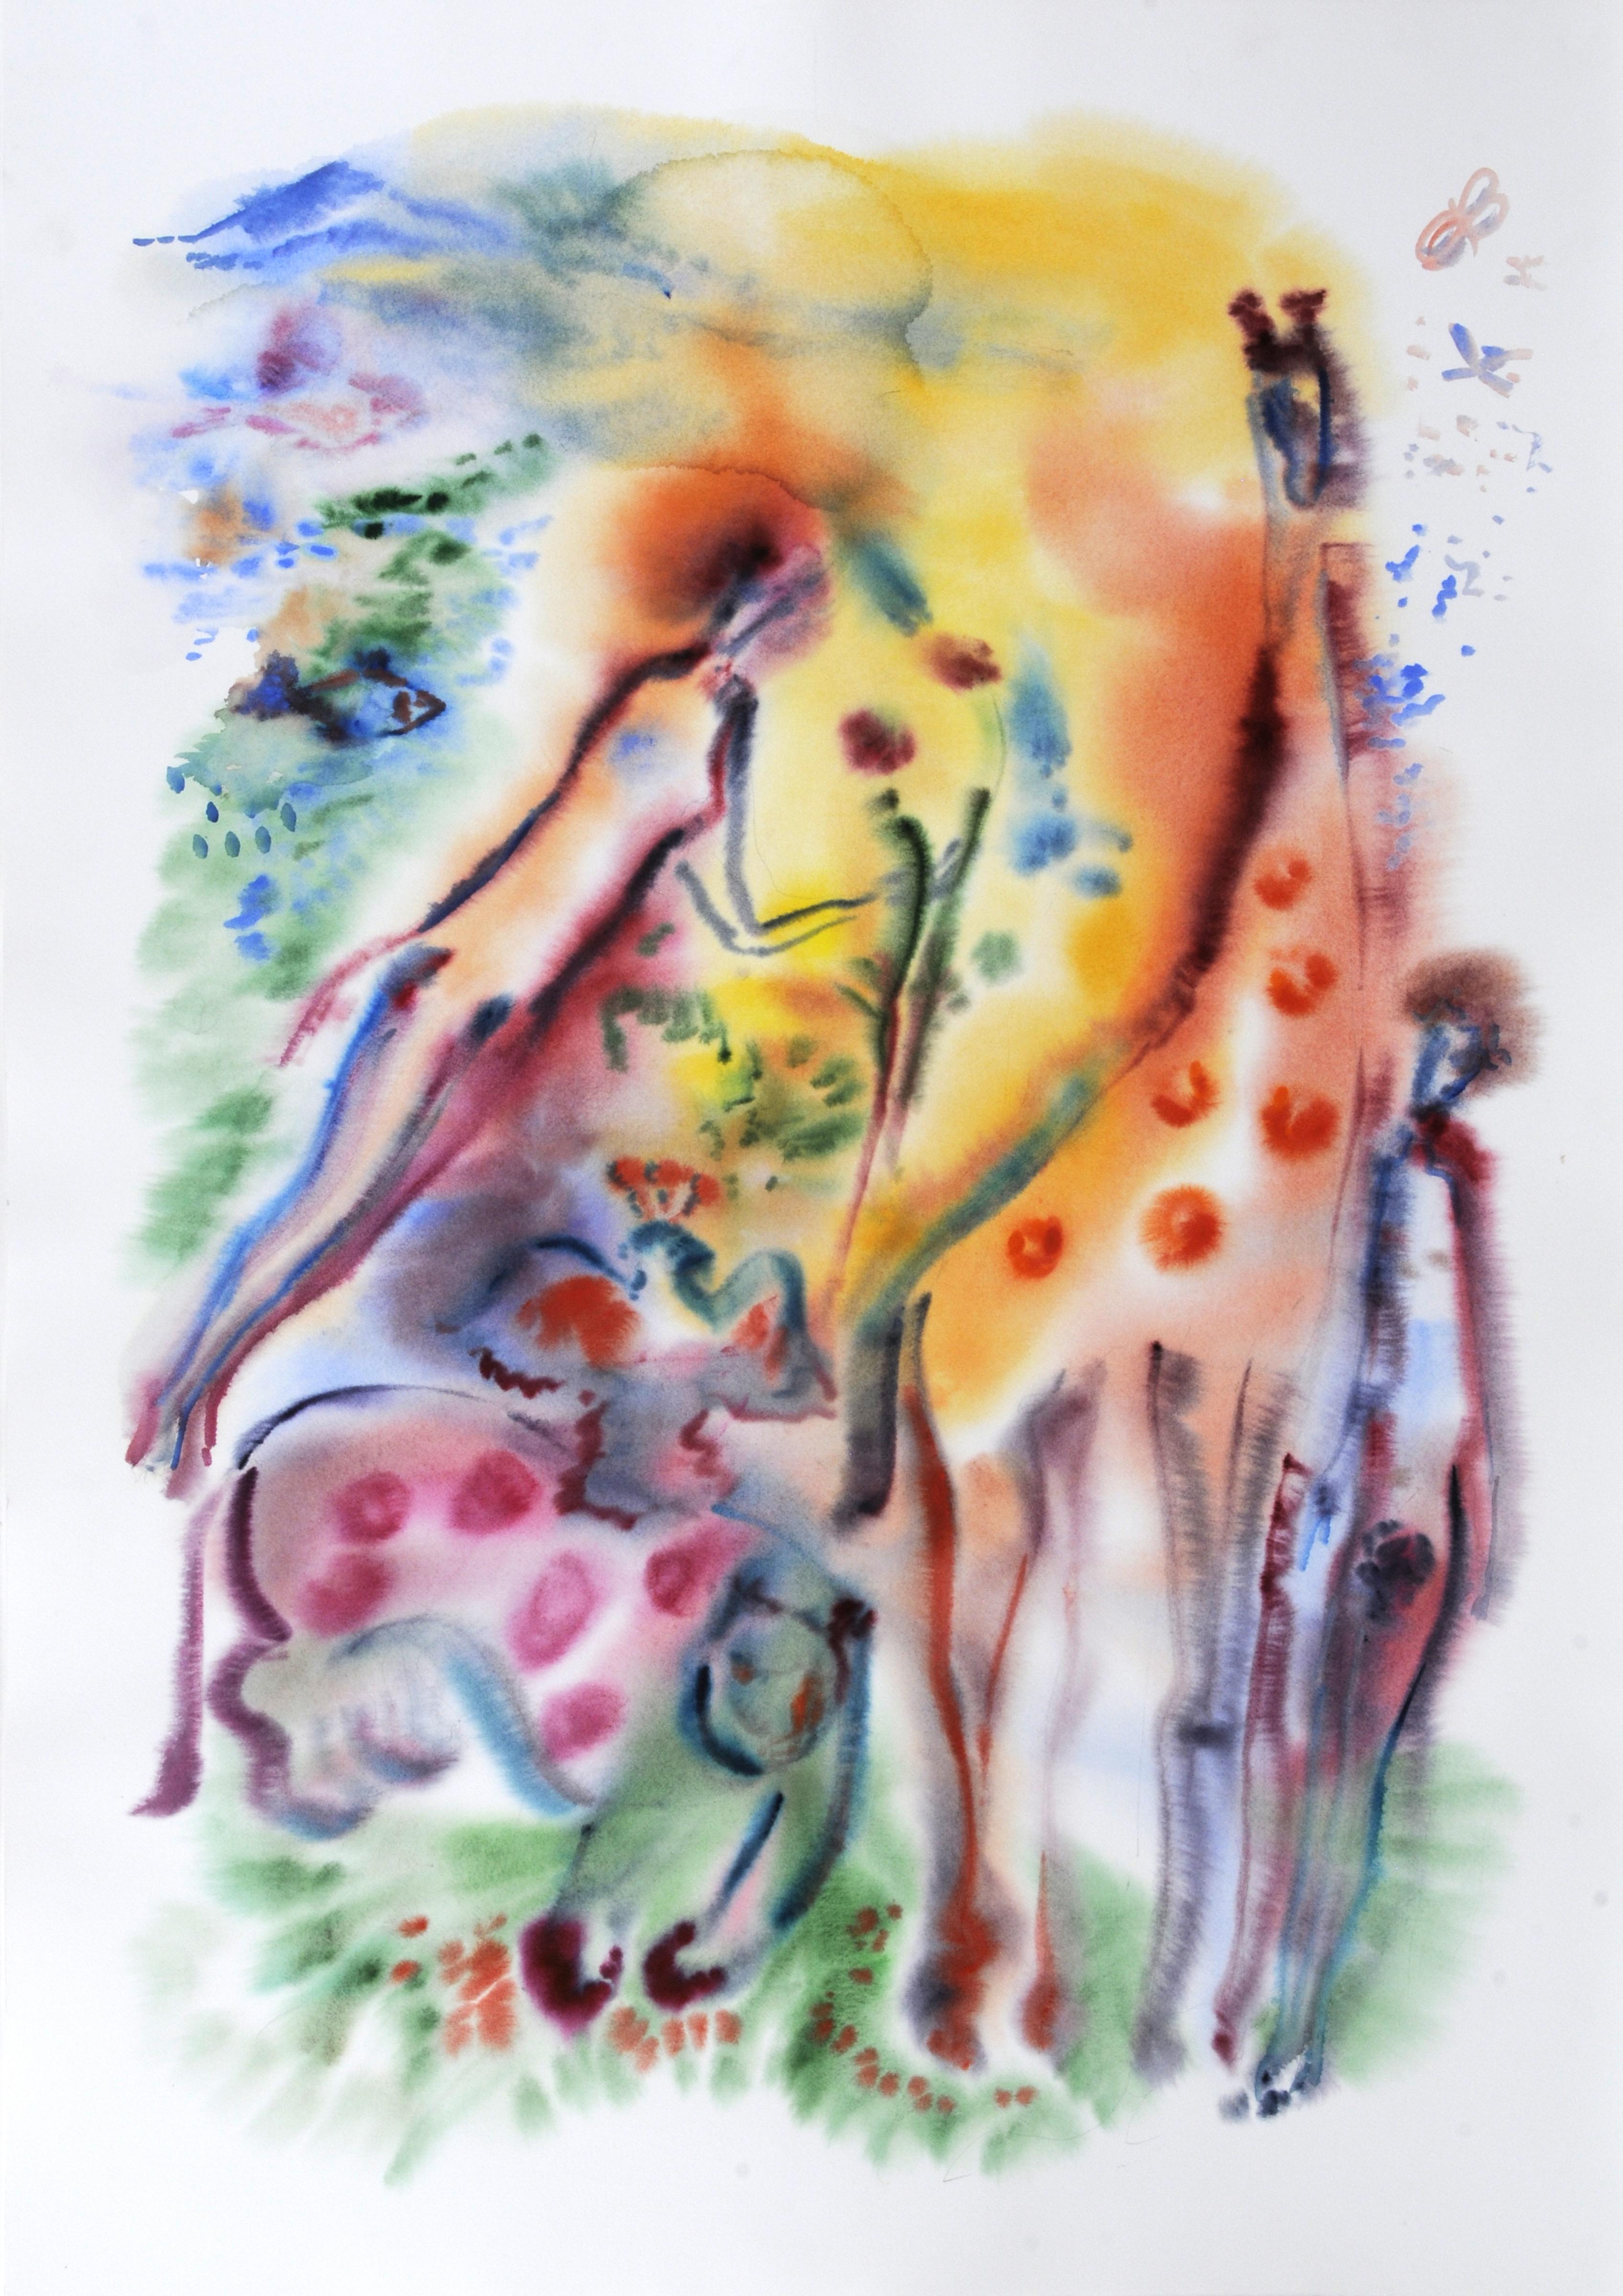 Garden_of_Eden_2_Watercolor_36x51